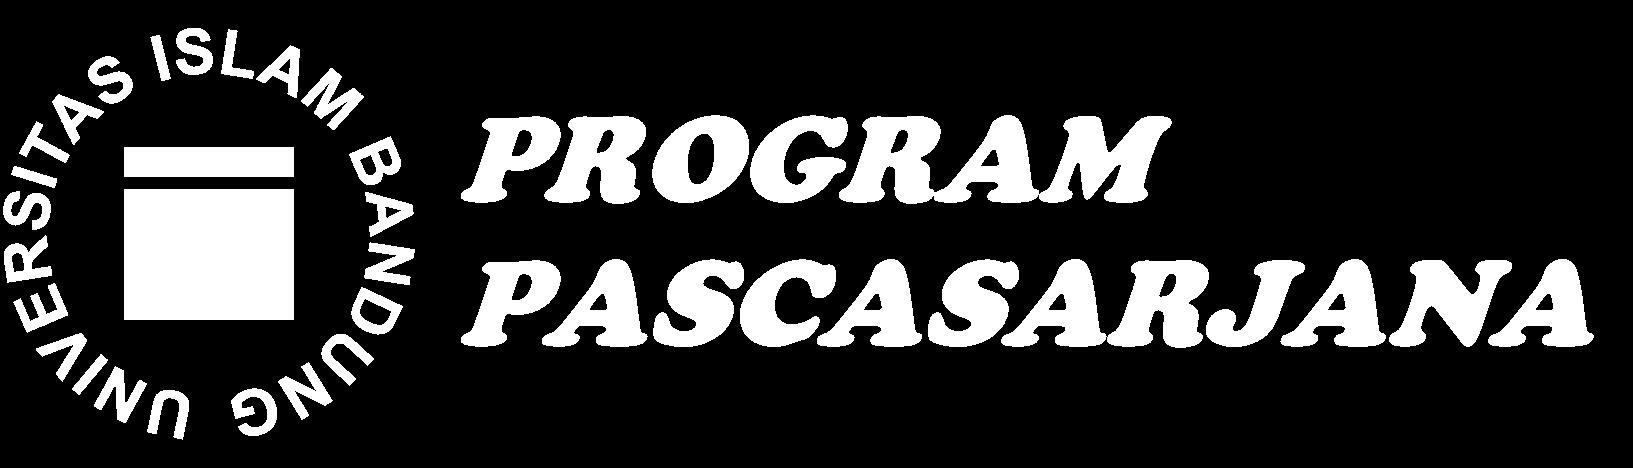 Pascasarjana